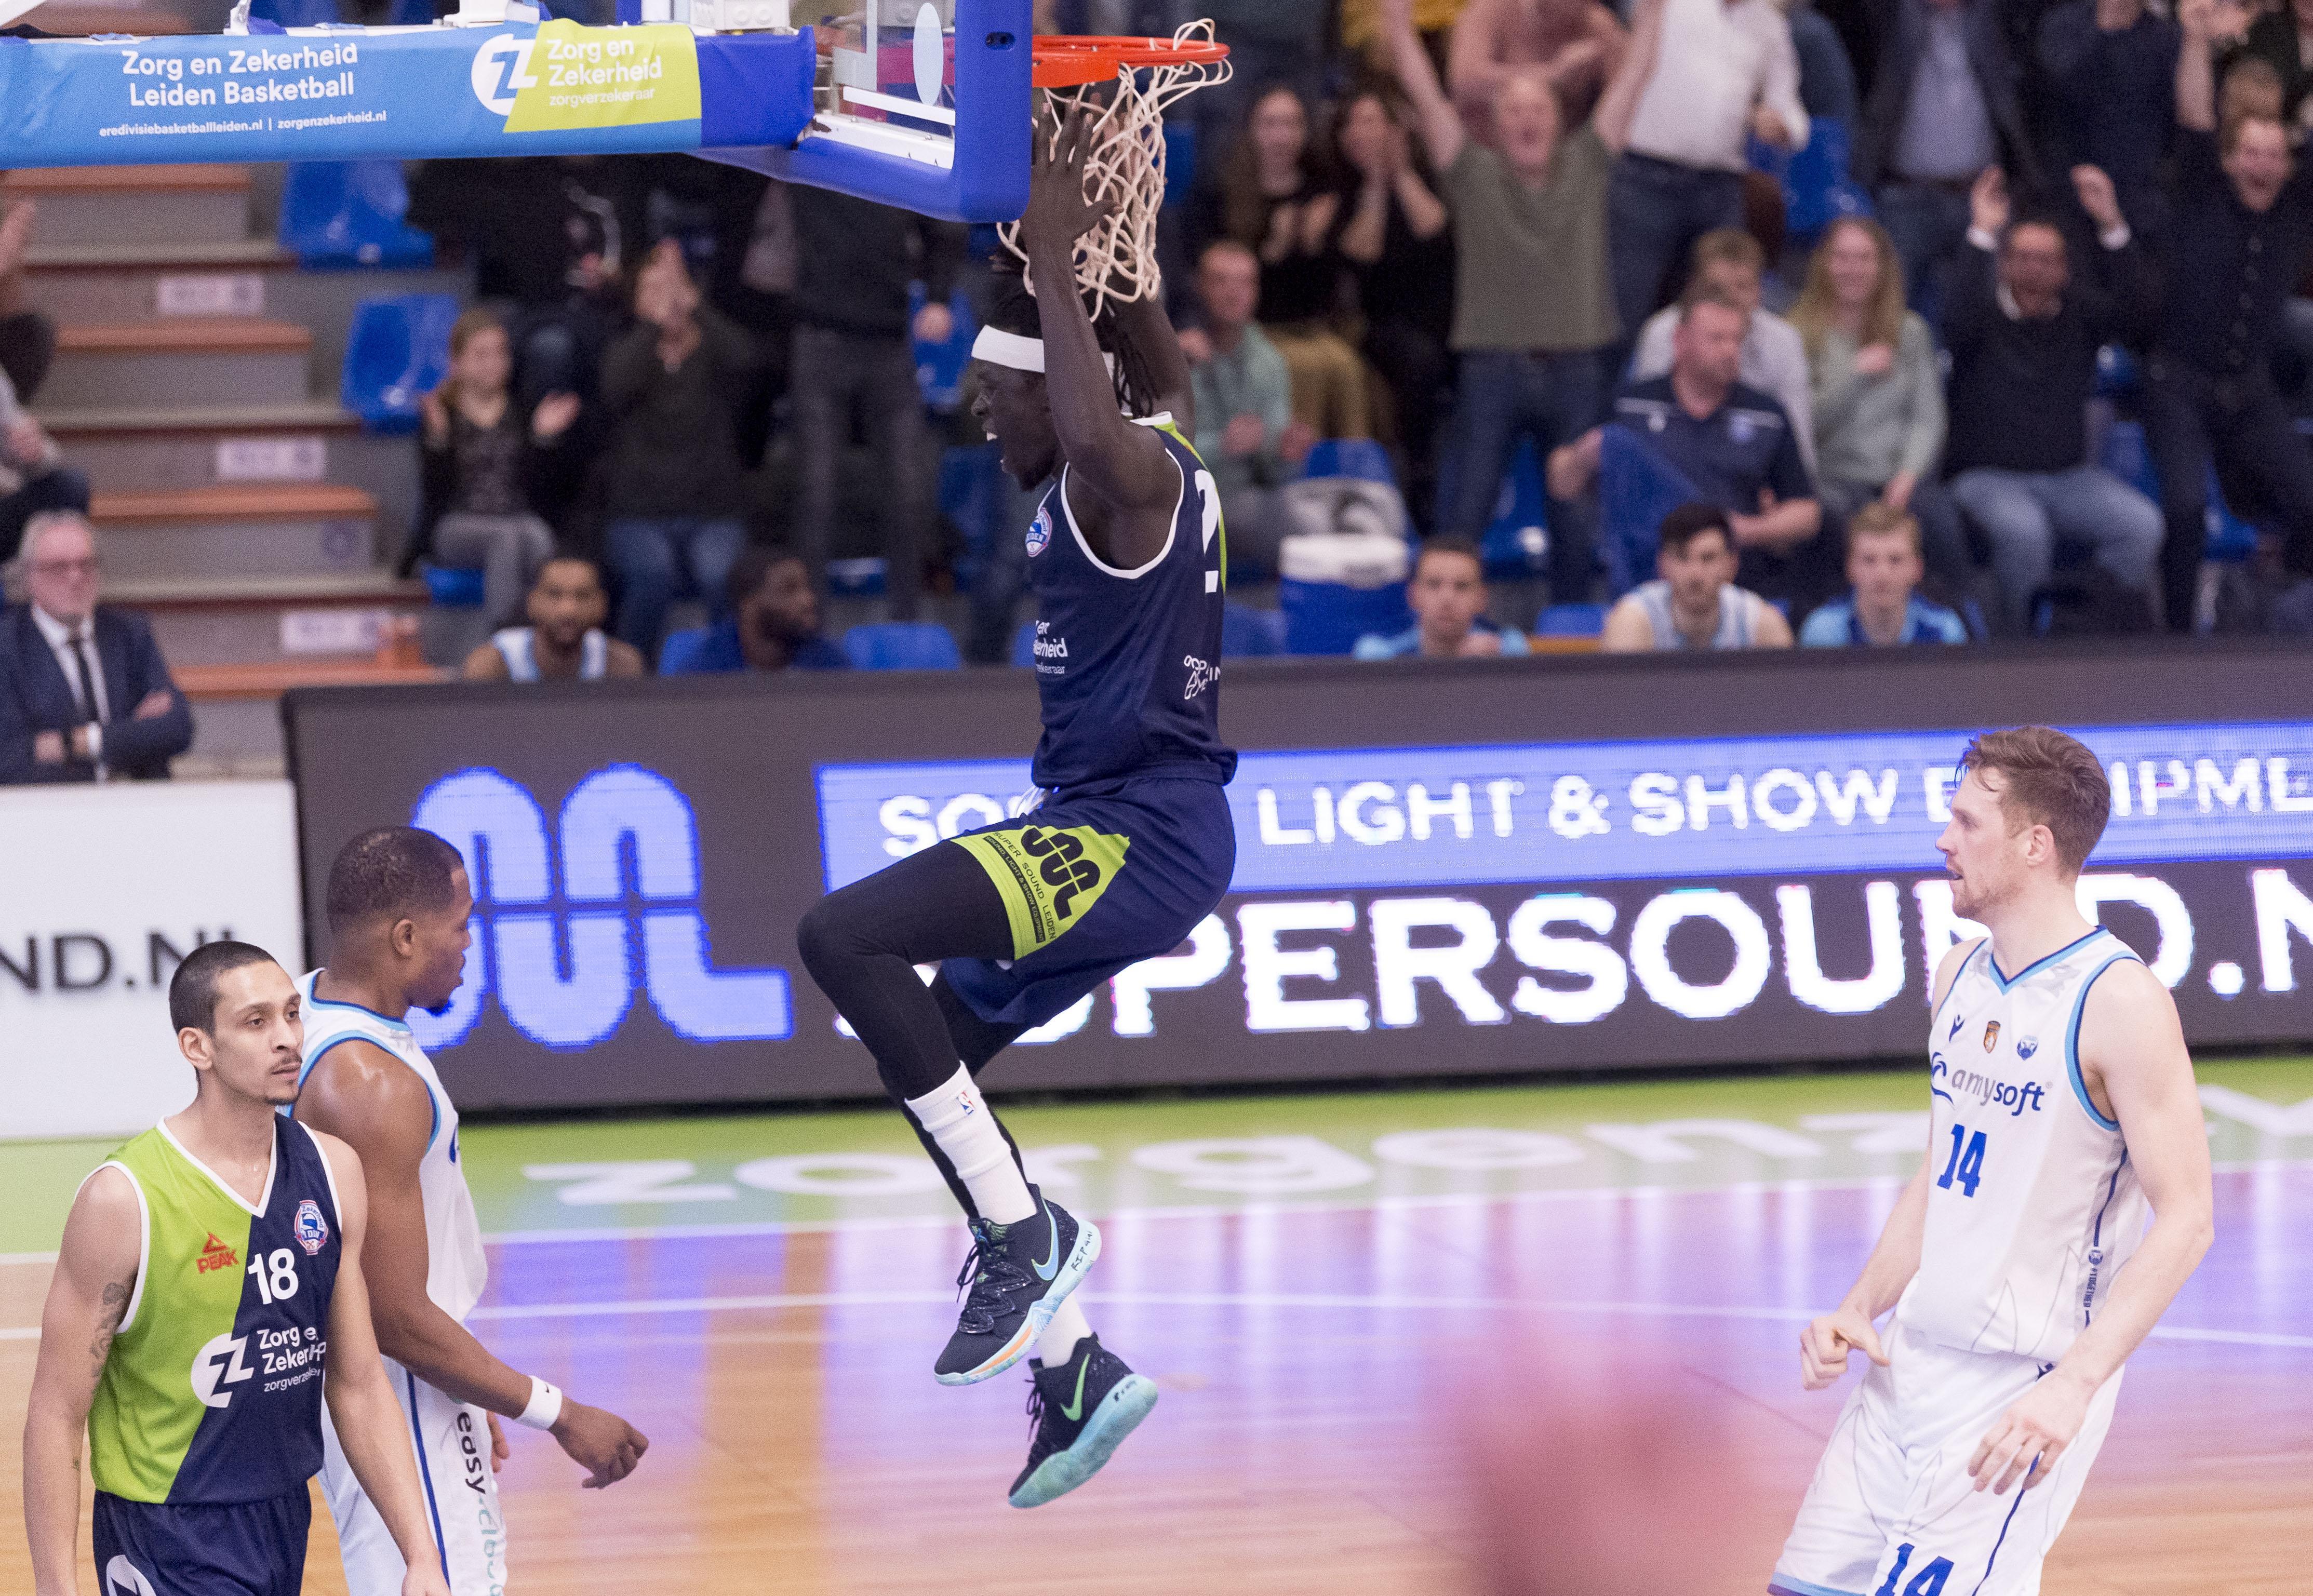 Voorzitter ZZ Leiden luidt de noodklok nu basketbal stilligt: 'Voor de spelers is dit een rampscenario. Die moeten in shape blijven maar zullen zich afvragen waar ze het allemaal voor doen'